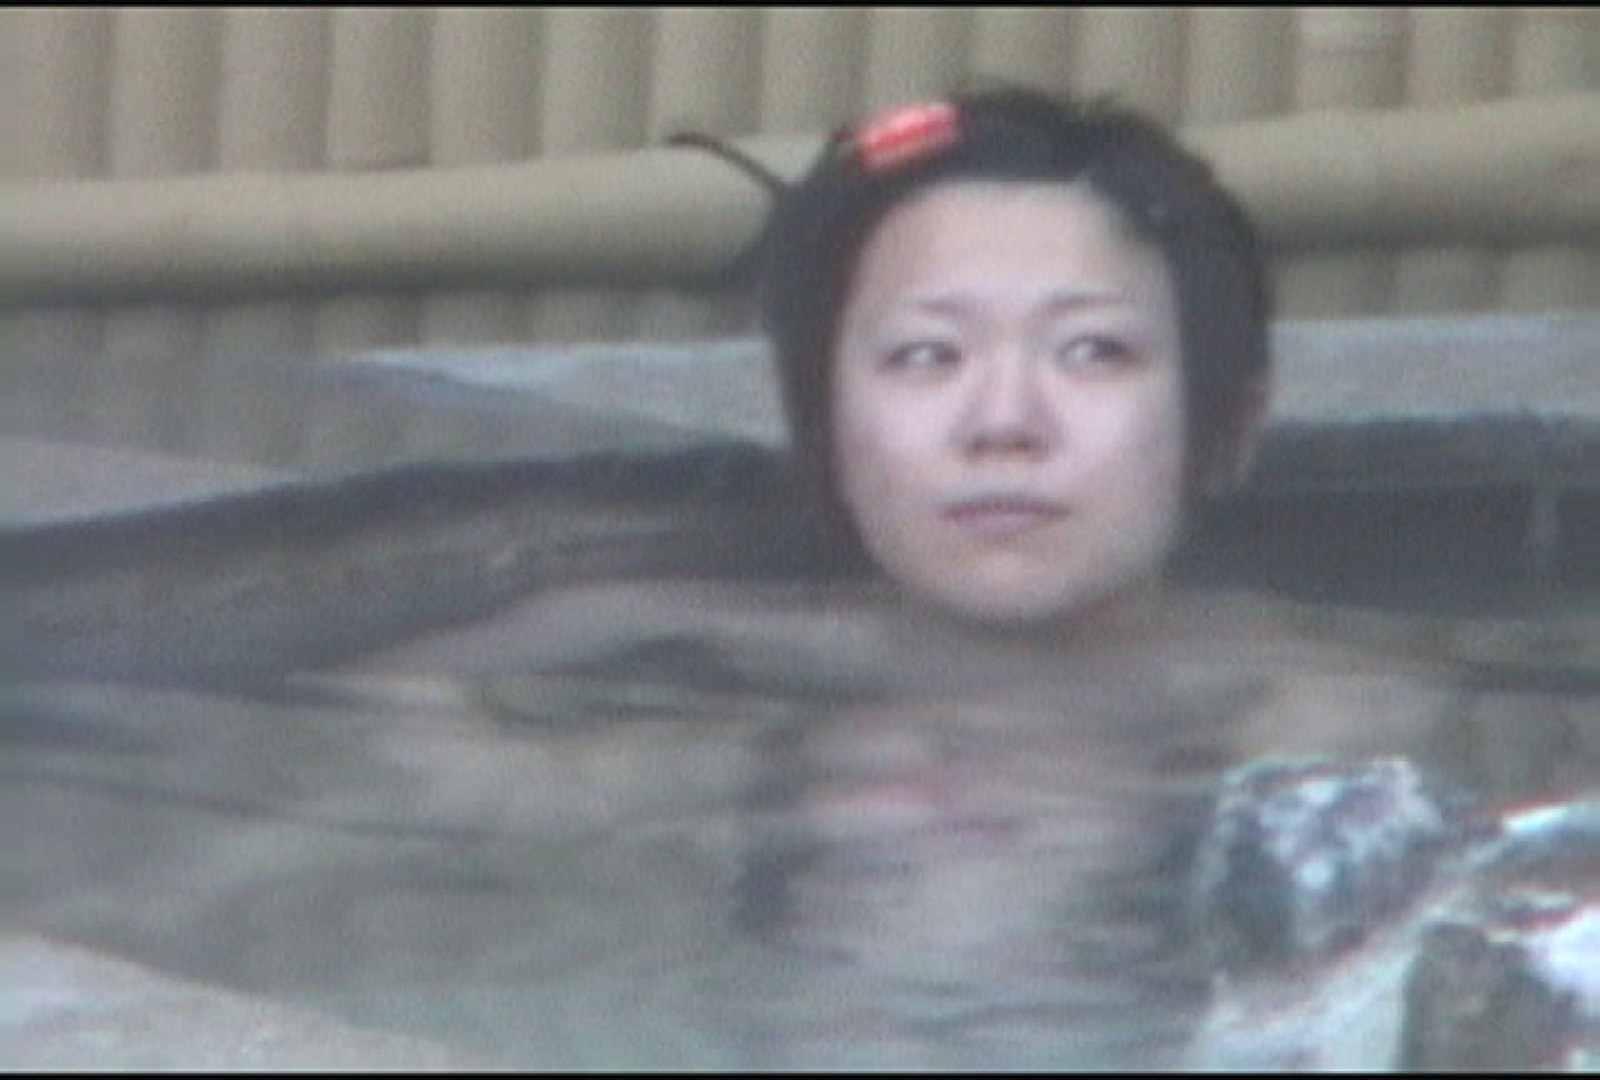 Aquaな露天風呂Vol.175 盗撮シリーズ  91PIX 34